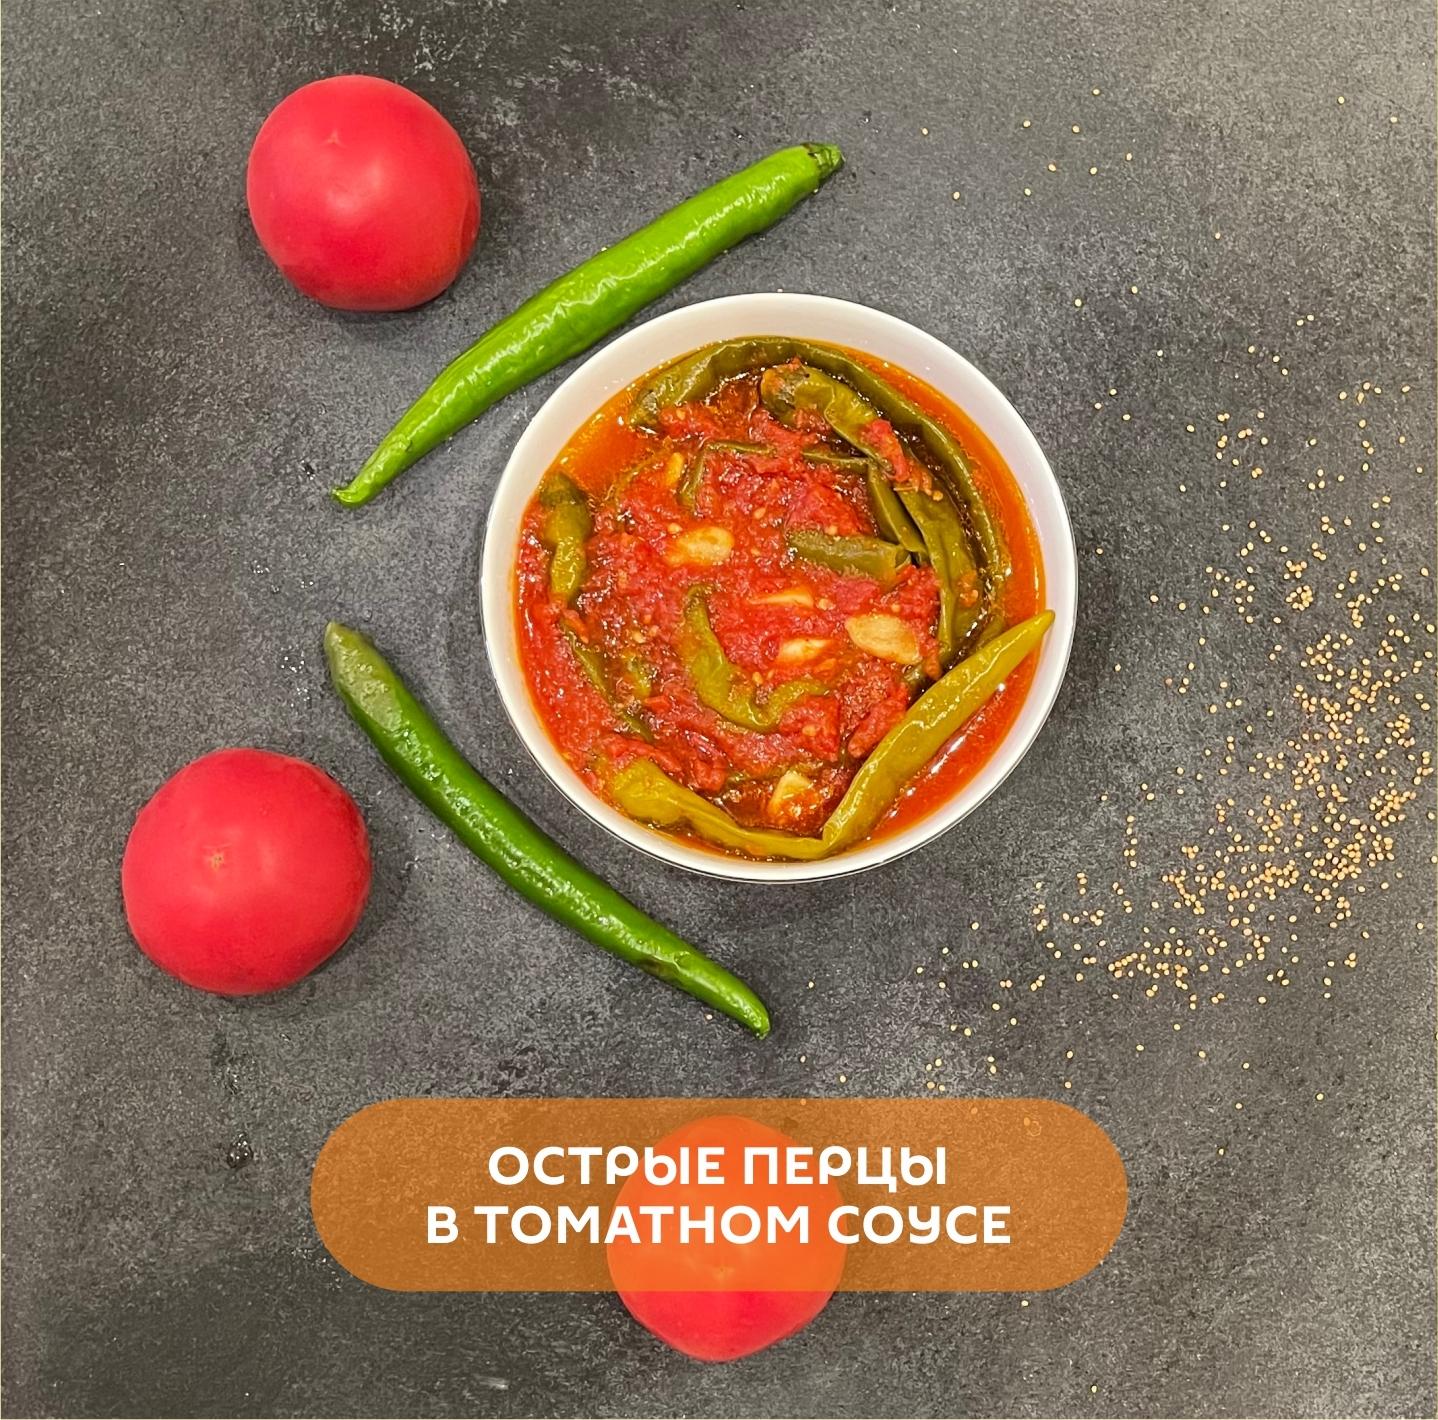 Острые перцы в томатном соусе